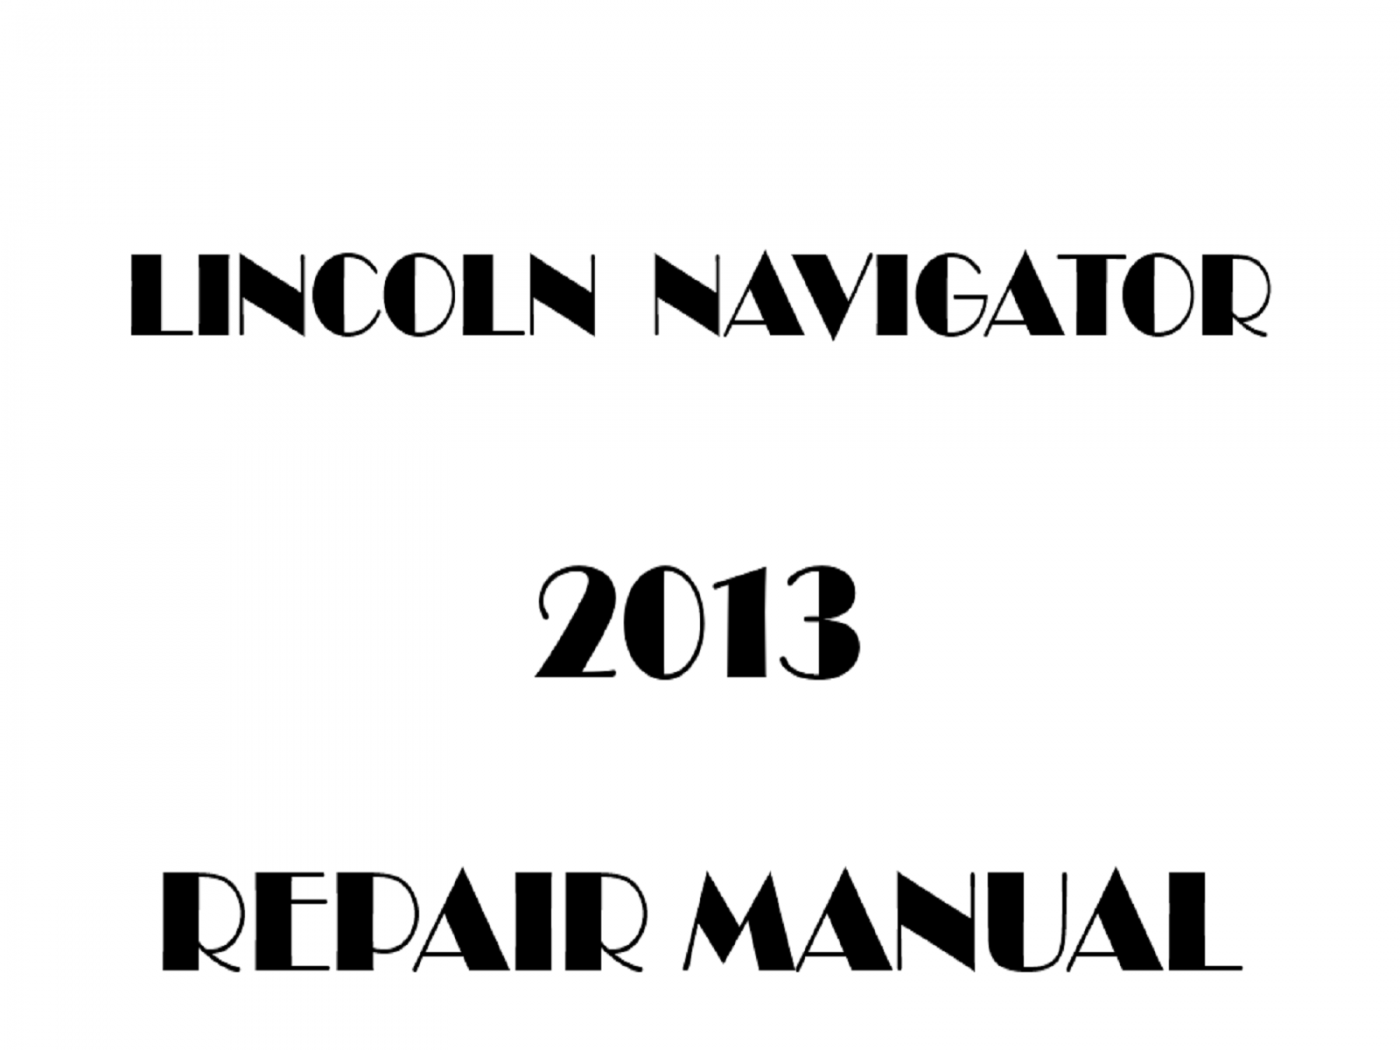 2013 Lincoln Navigator repair manual